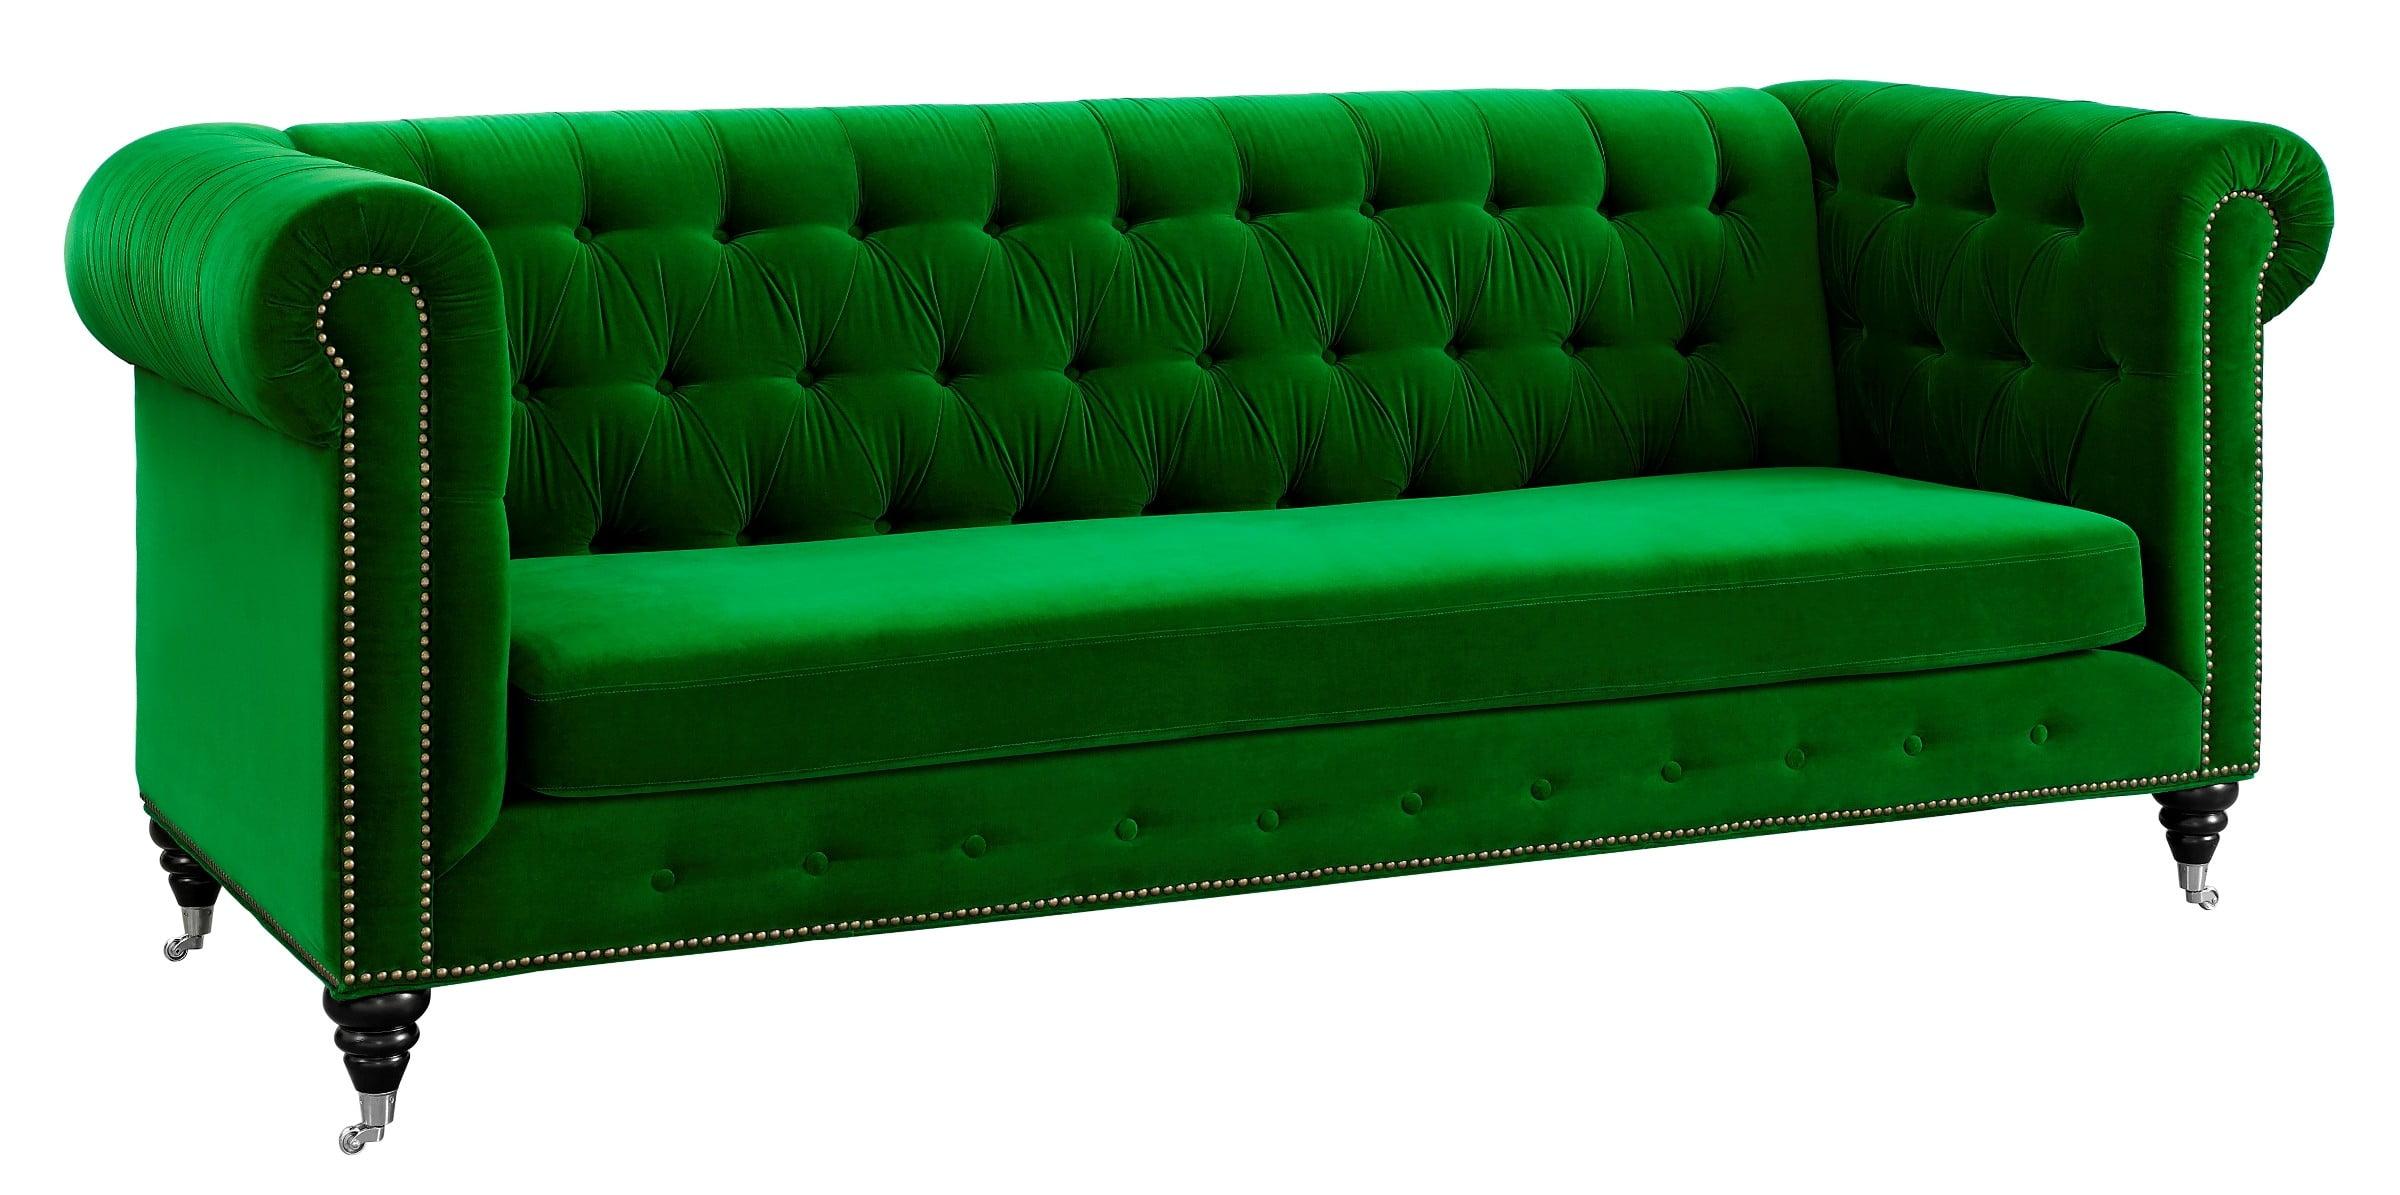 Hanny Green Velvet Sofa from TOV S42